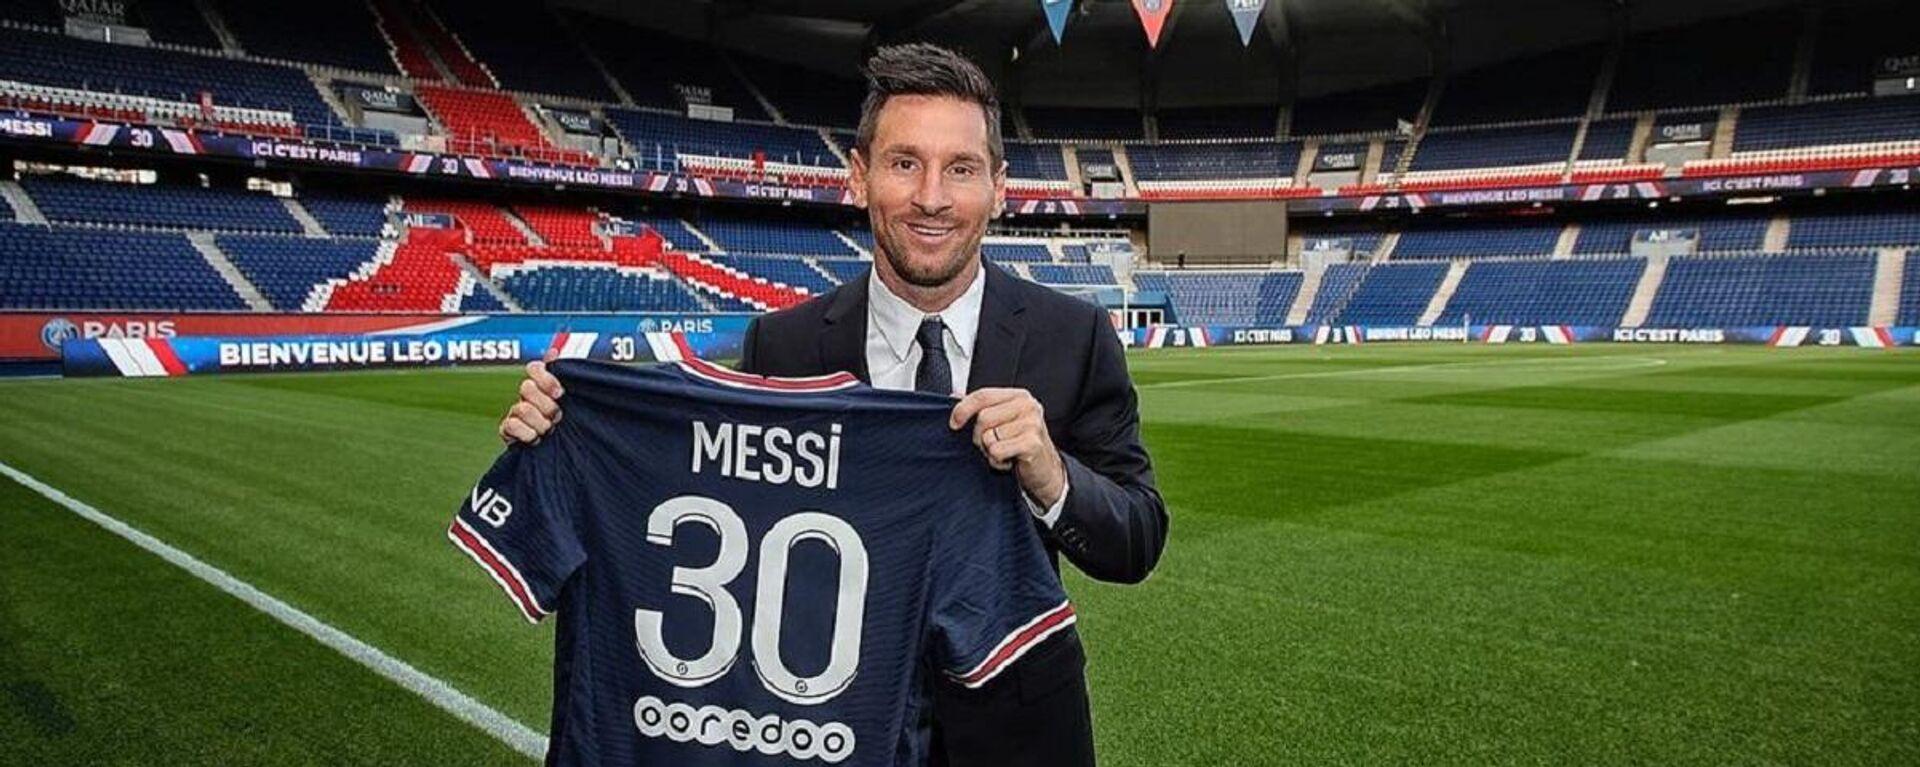 El futbolista argentino Lionel Messi - Sputnik Mundo, 1920, 09.10.2021